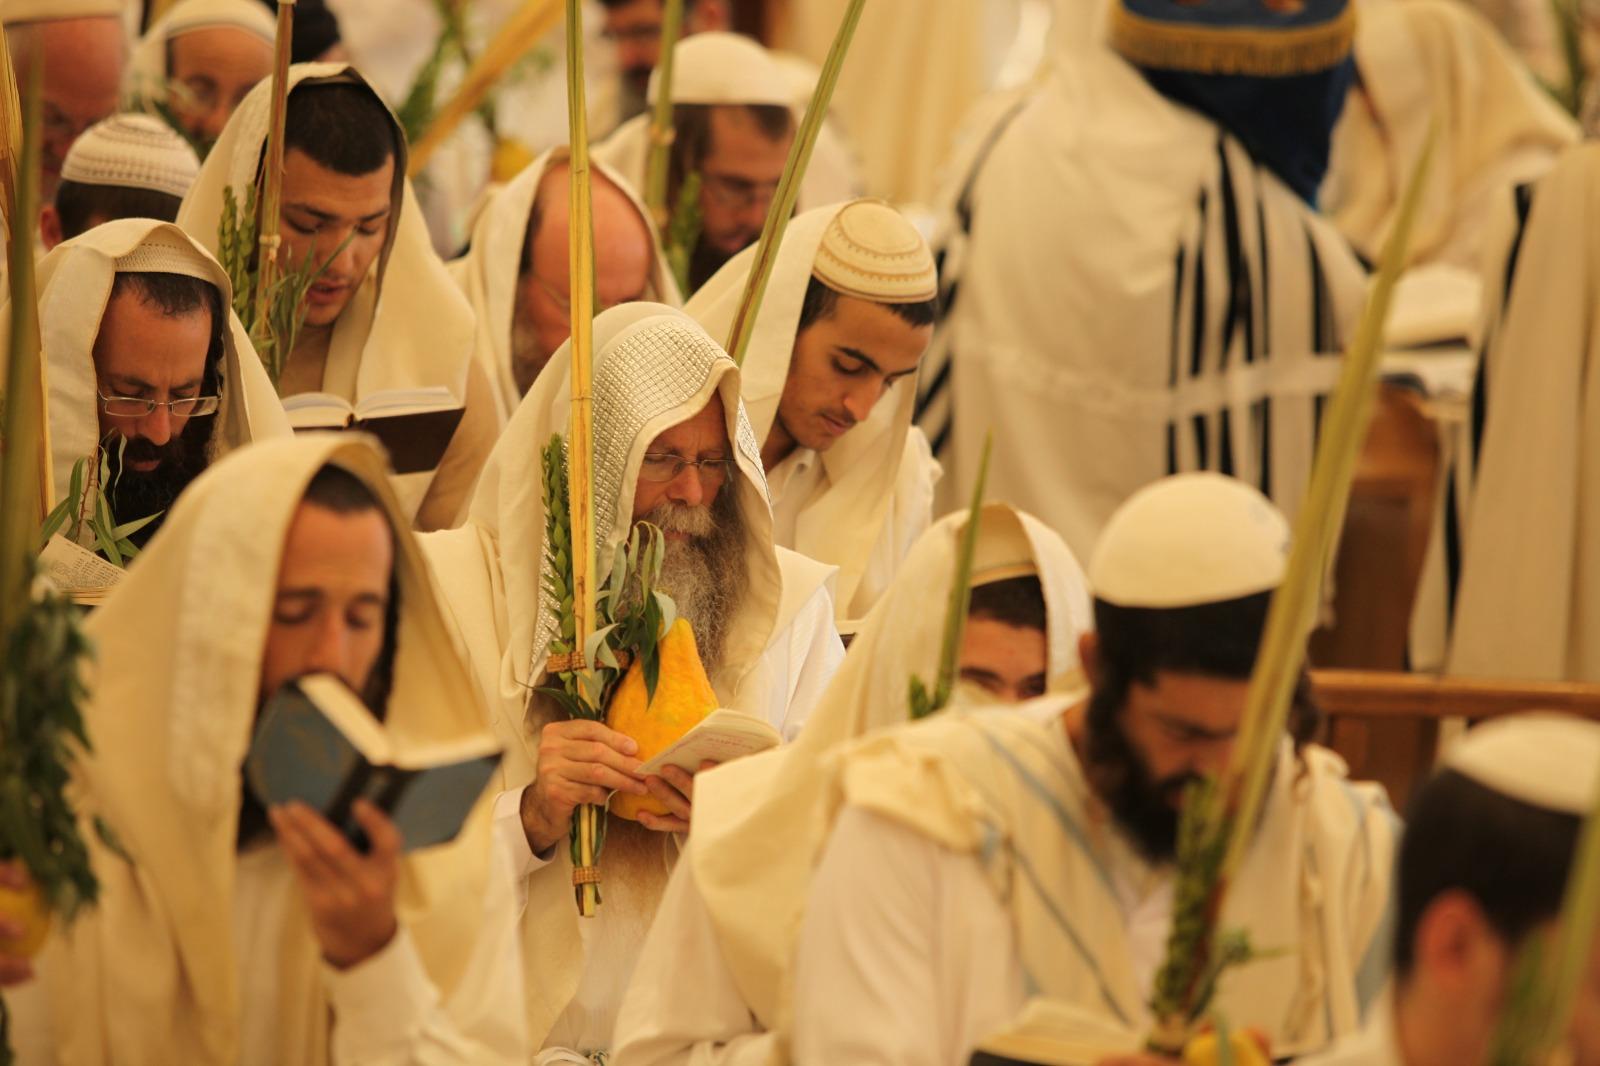 'אֹם אֲנִי חוֹמָה' - ישיבת רועה ישראל שרים הושענא 9